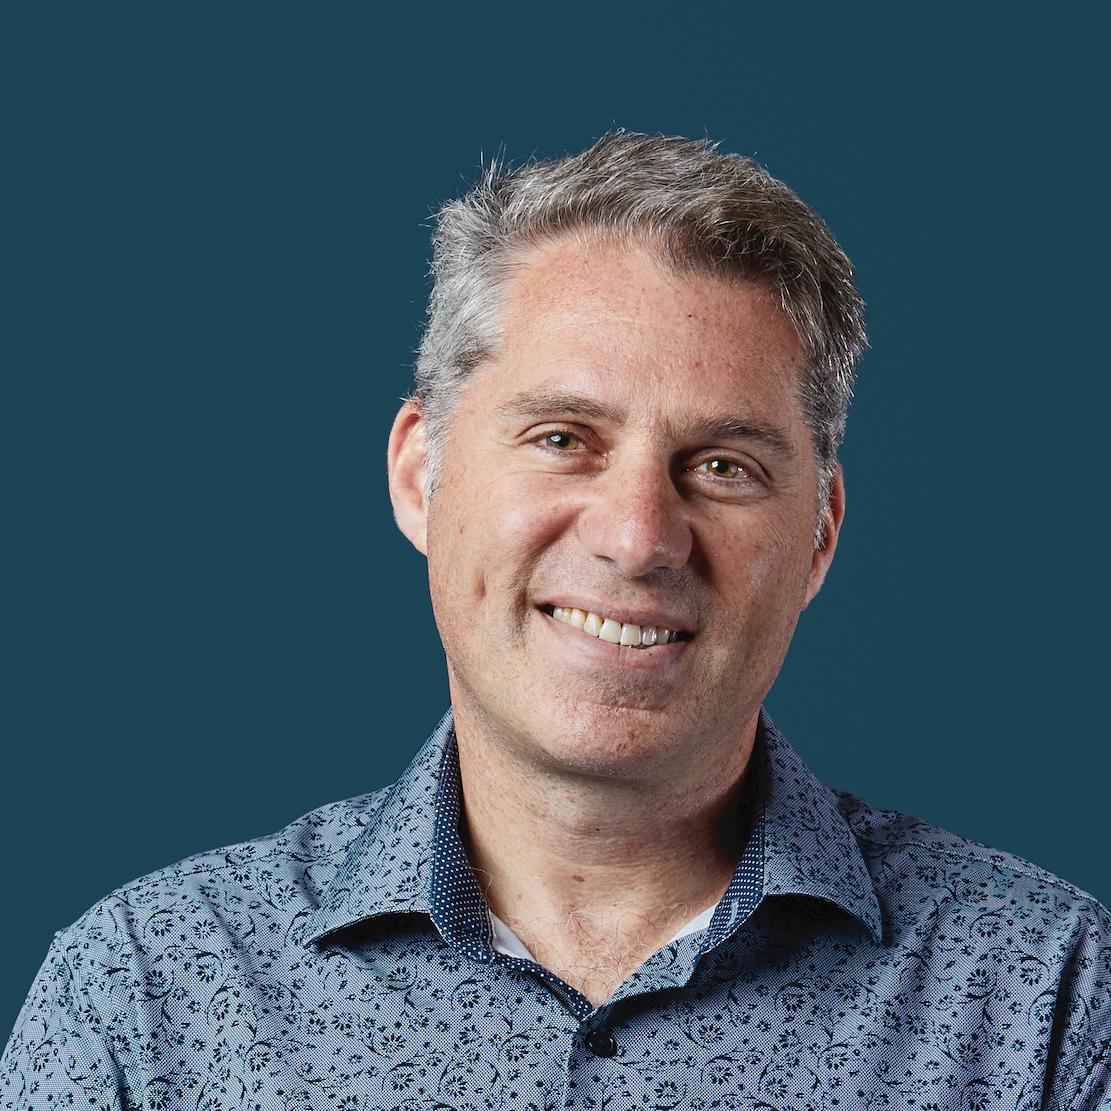 Portrait photo of Scott Wharton